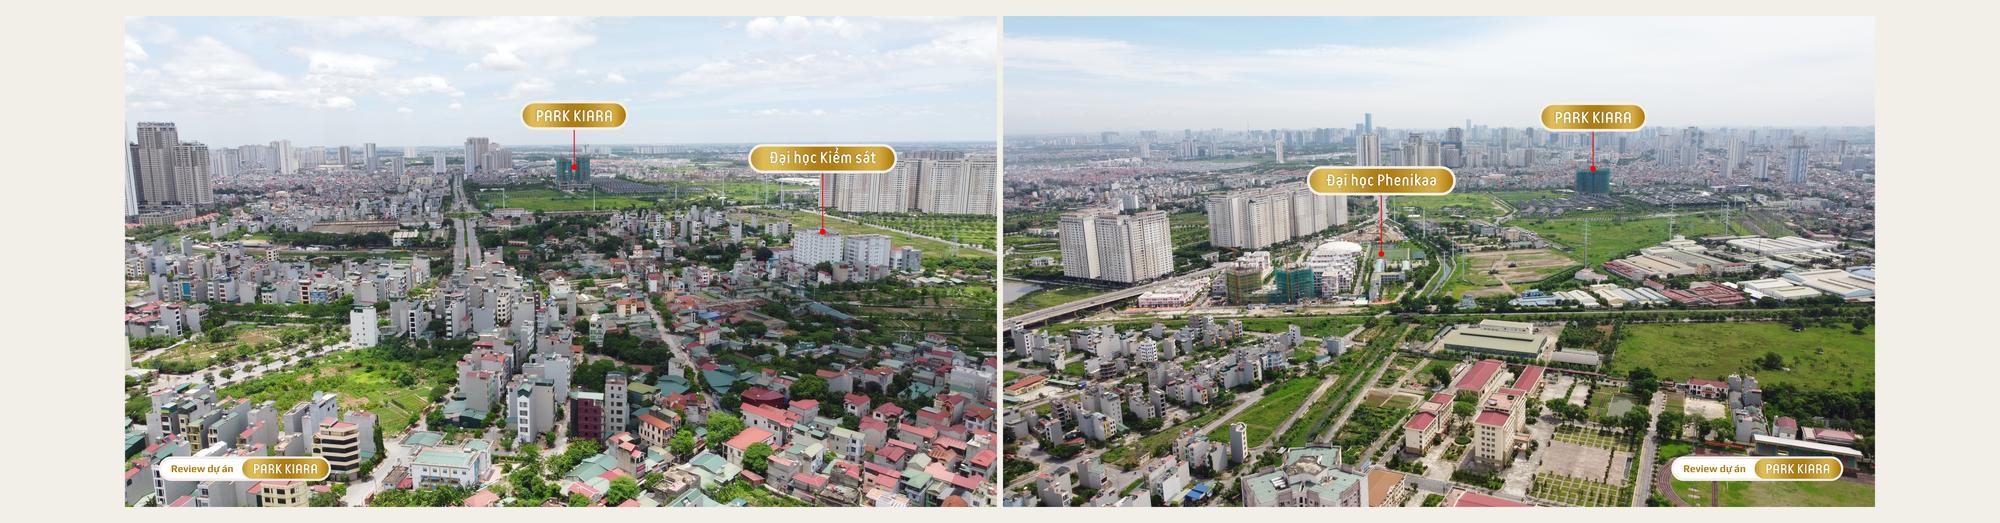 Review dự án chung cư Park Kiara: 80% là căn góc, gần trục chính Lê Văn Lương - Lê Trọng Tấn kéo dài - Ảnh 11.